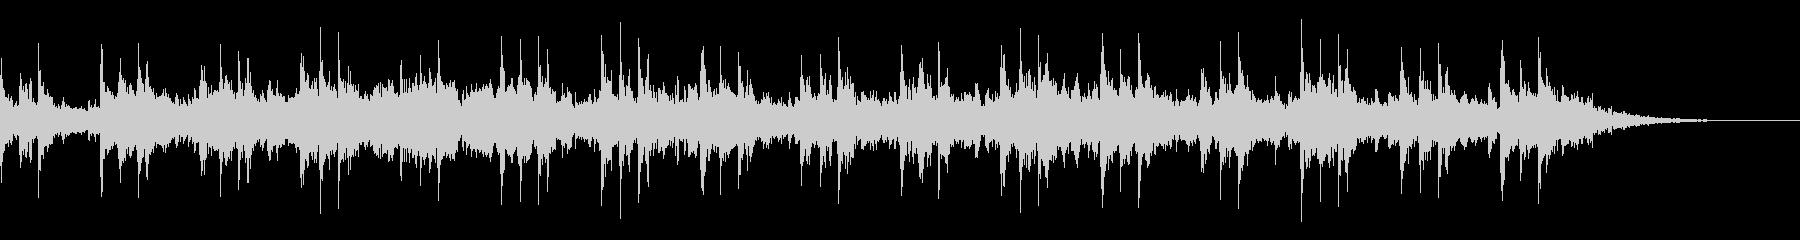 エスニックムードの笛による神秘的な音風景の未再生の波形